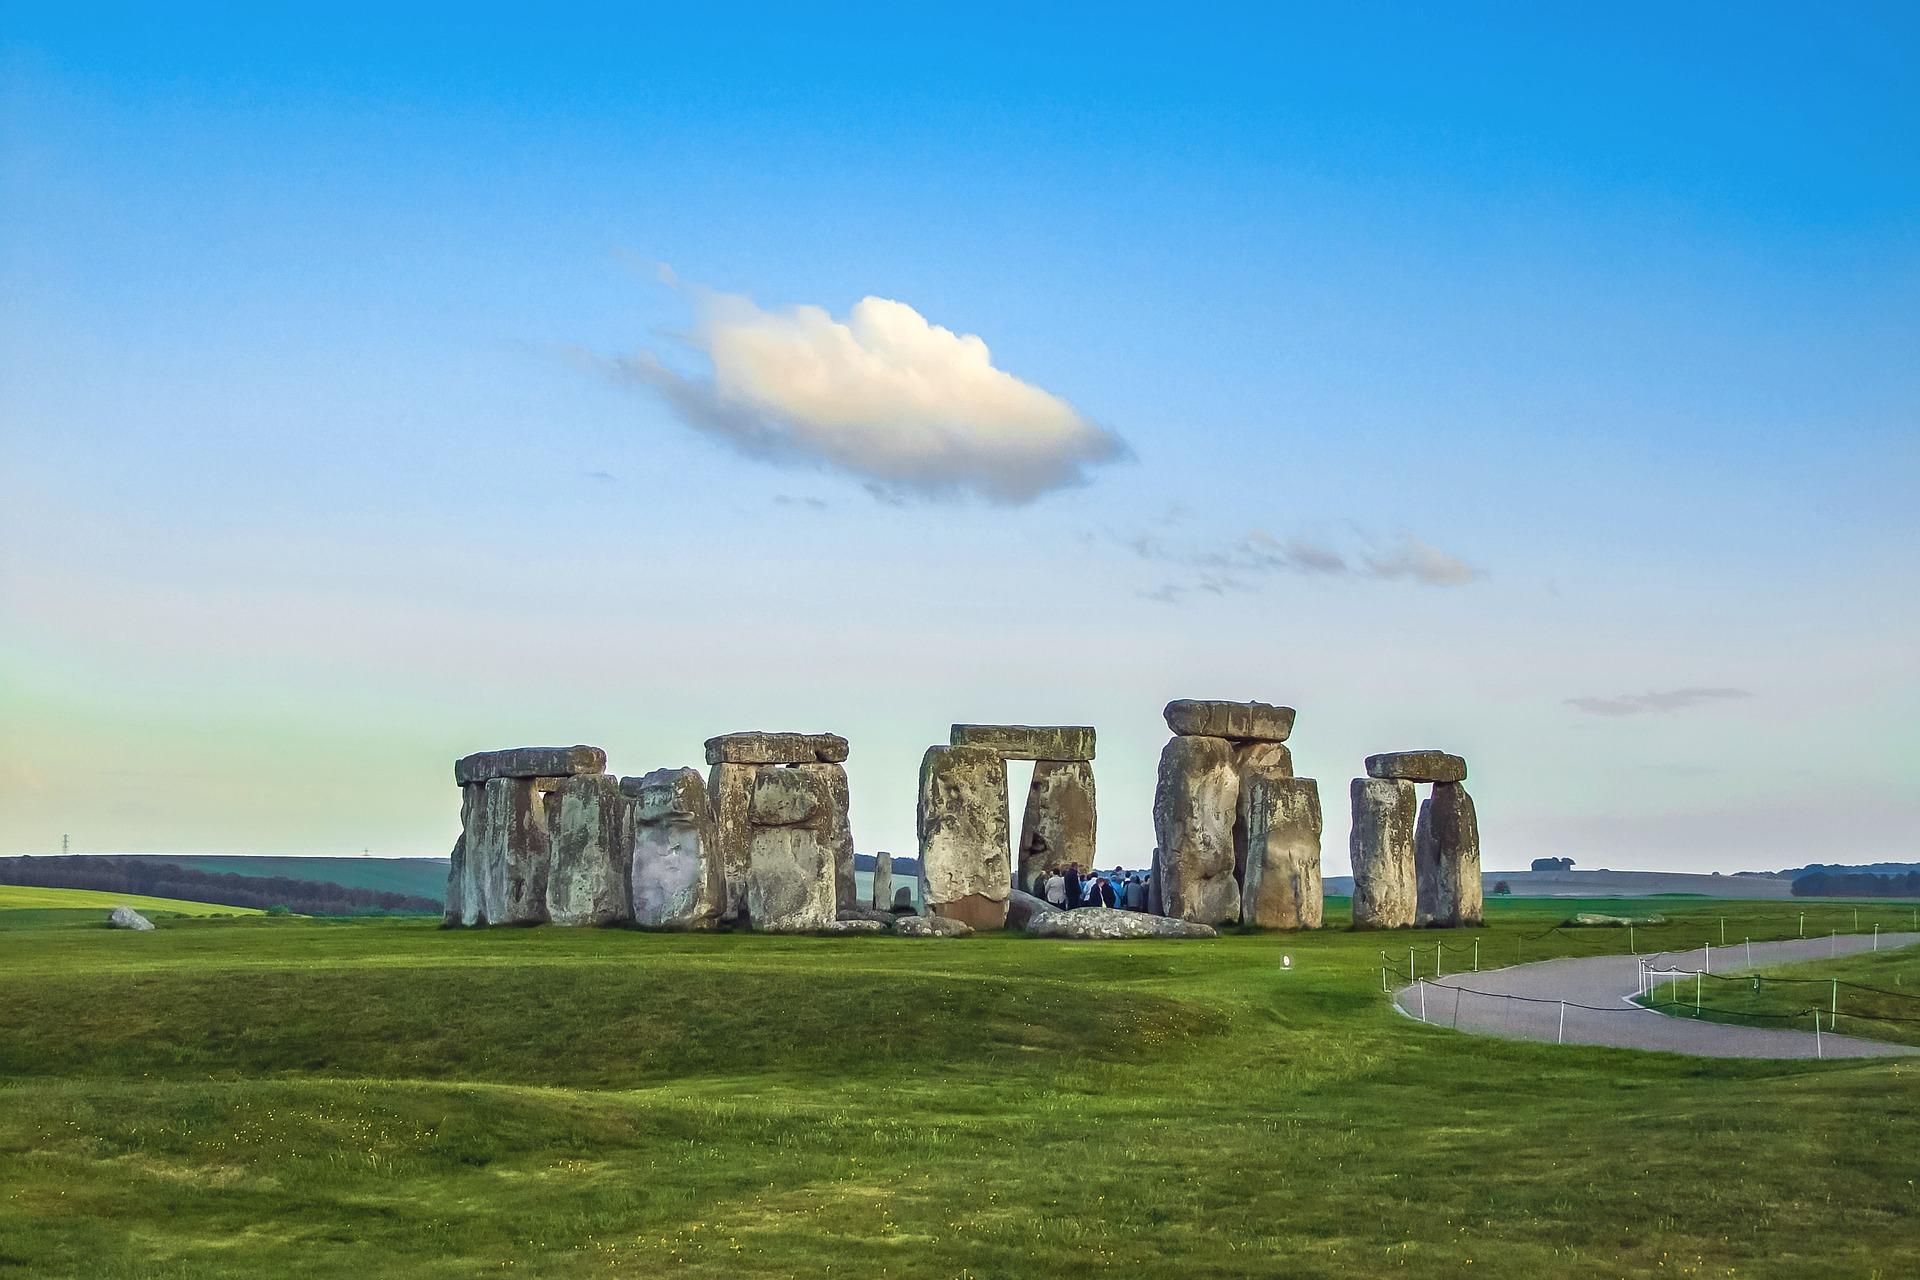 stonehenge-1145625_1920.jpg